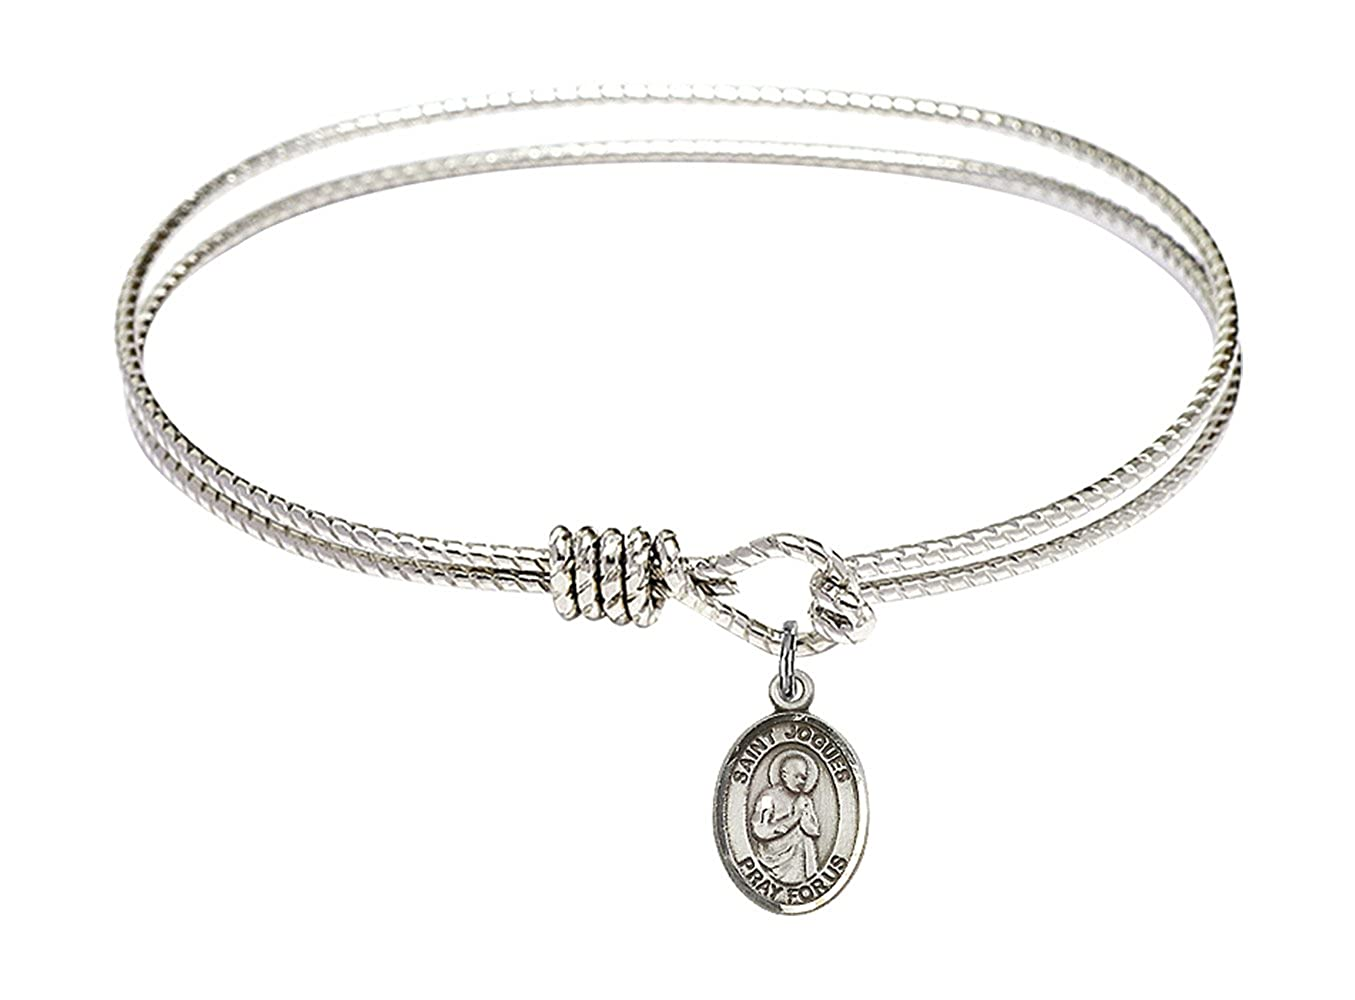 St Isaac Jogues Charm On A 7 1//4 Inch Oval Eye Hook Bangle Bracelet